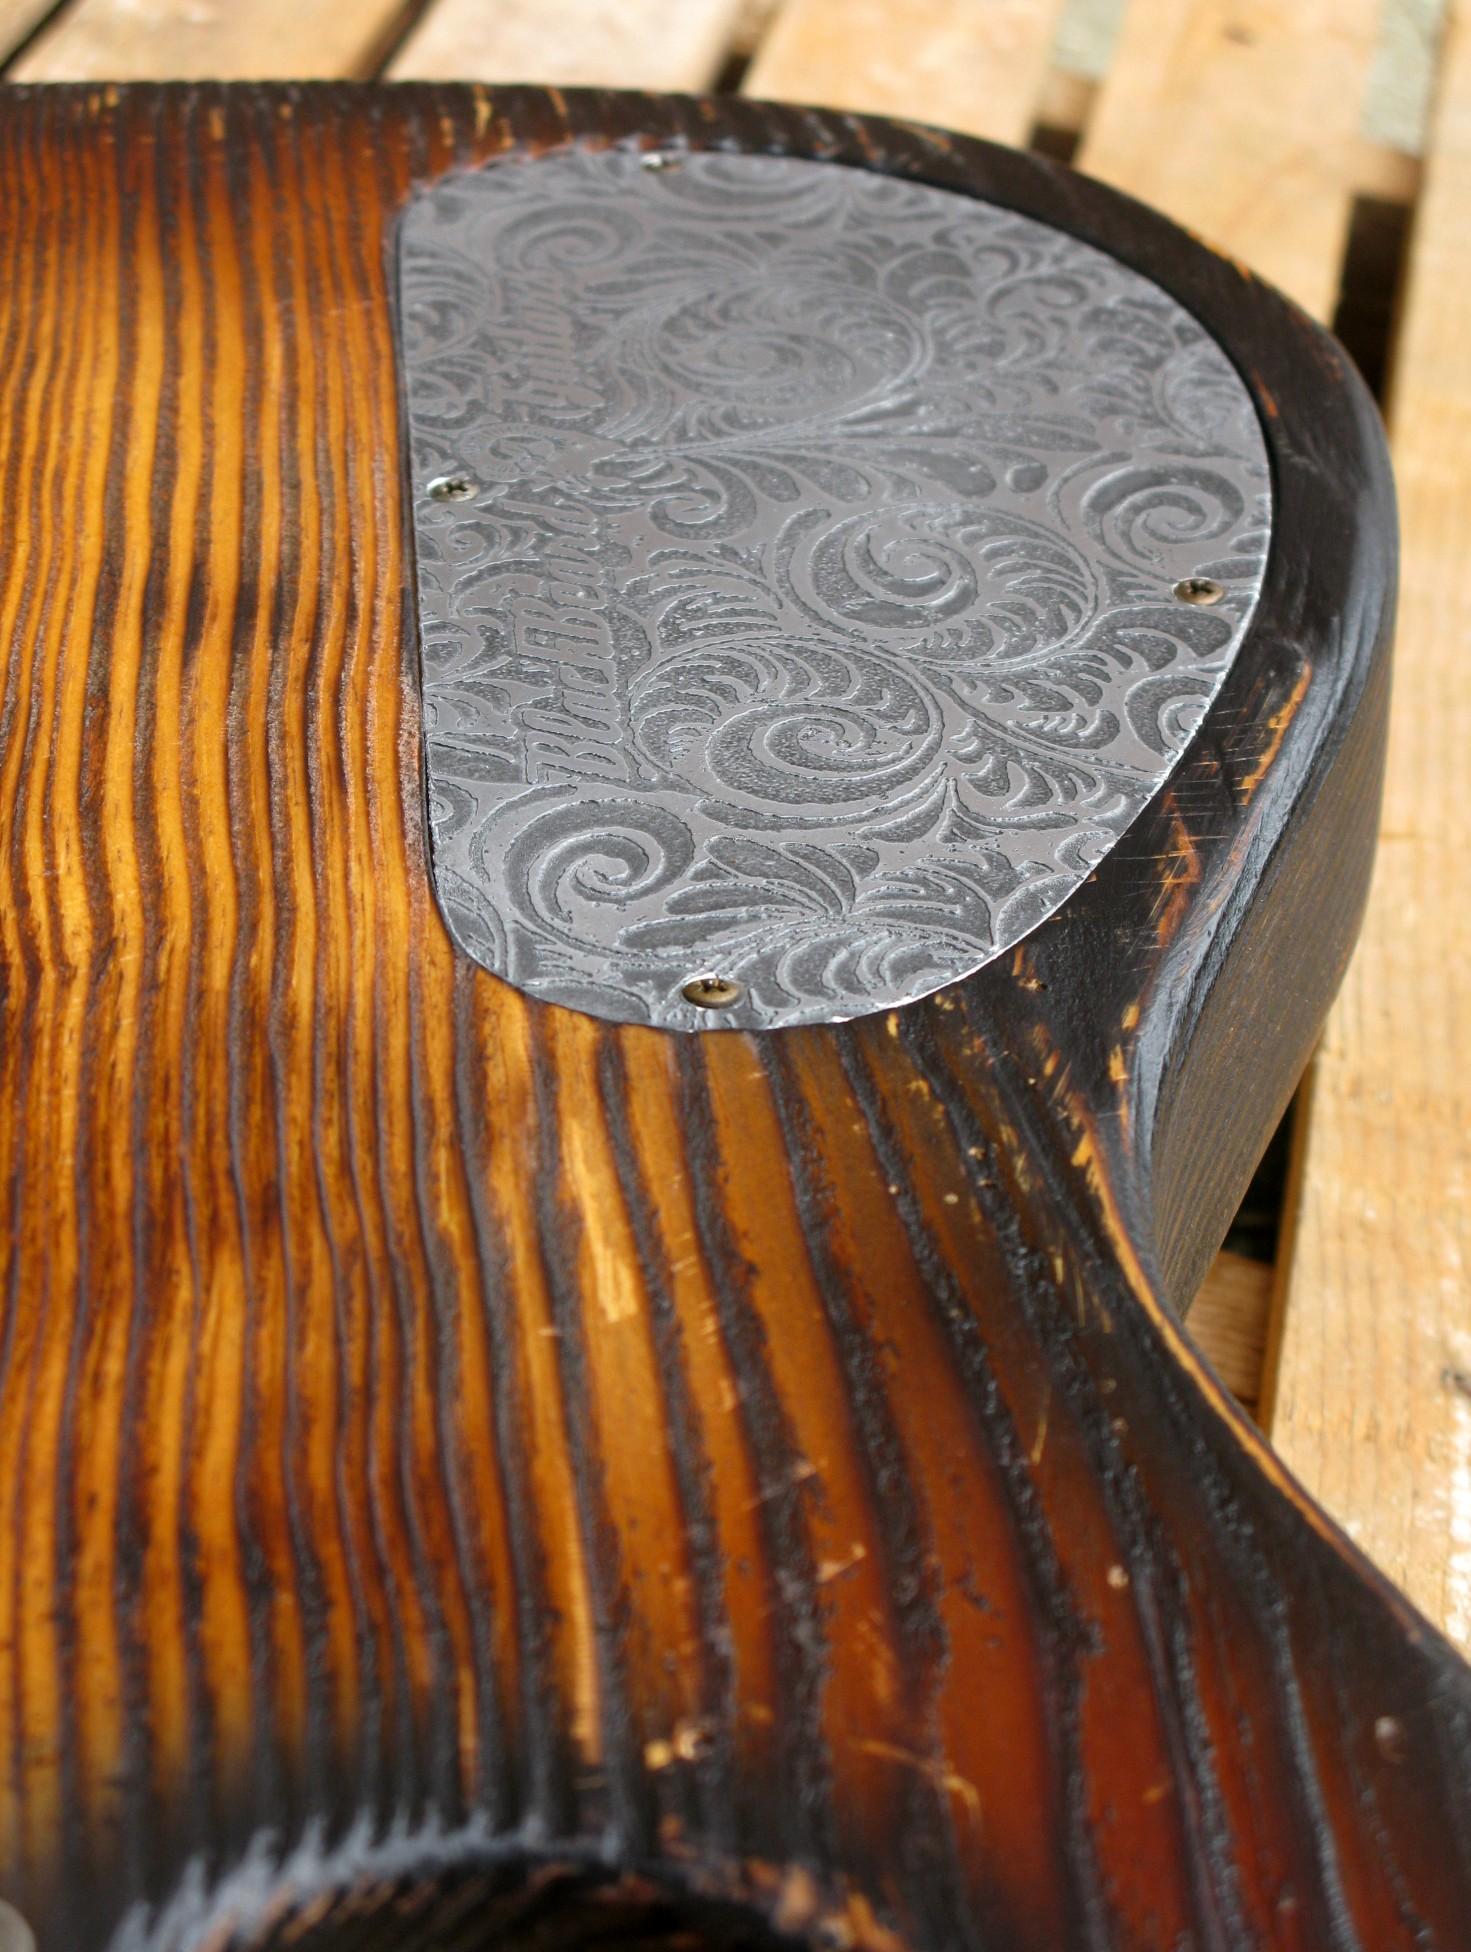 Chitarra modello Stratocaster, body in pino, manico in frassino, reverse: vano elettronica